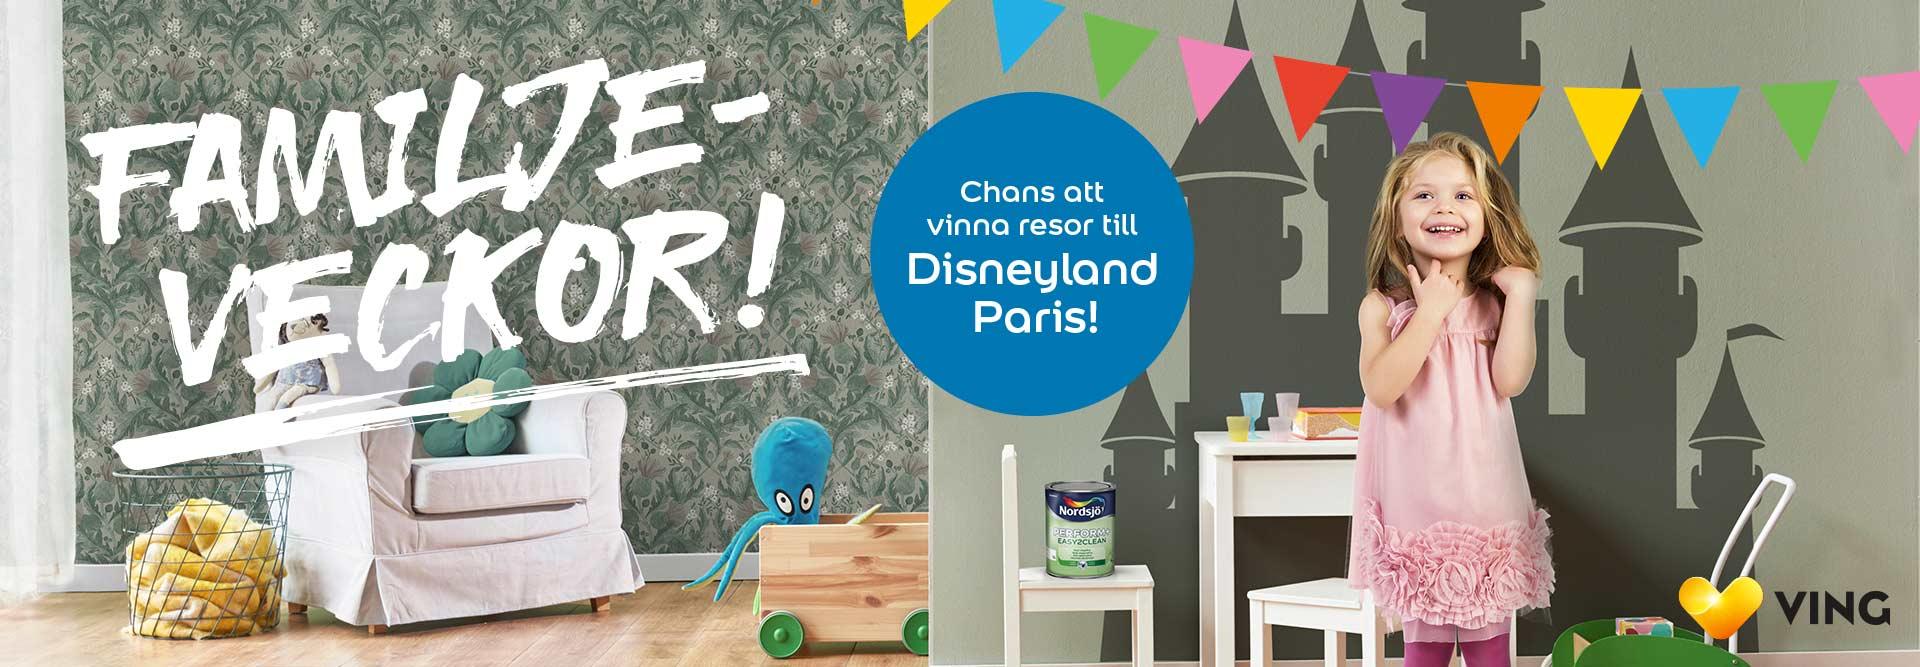 Vinn resor till Disneyland Paris